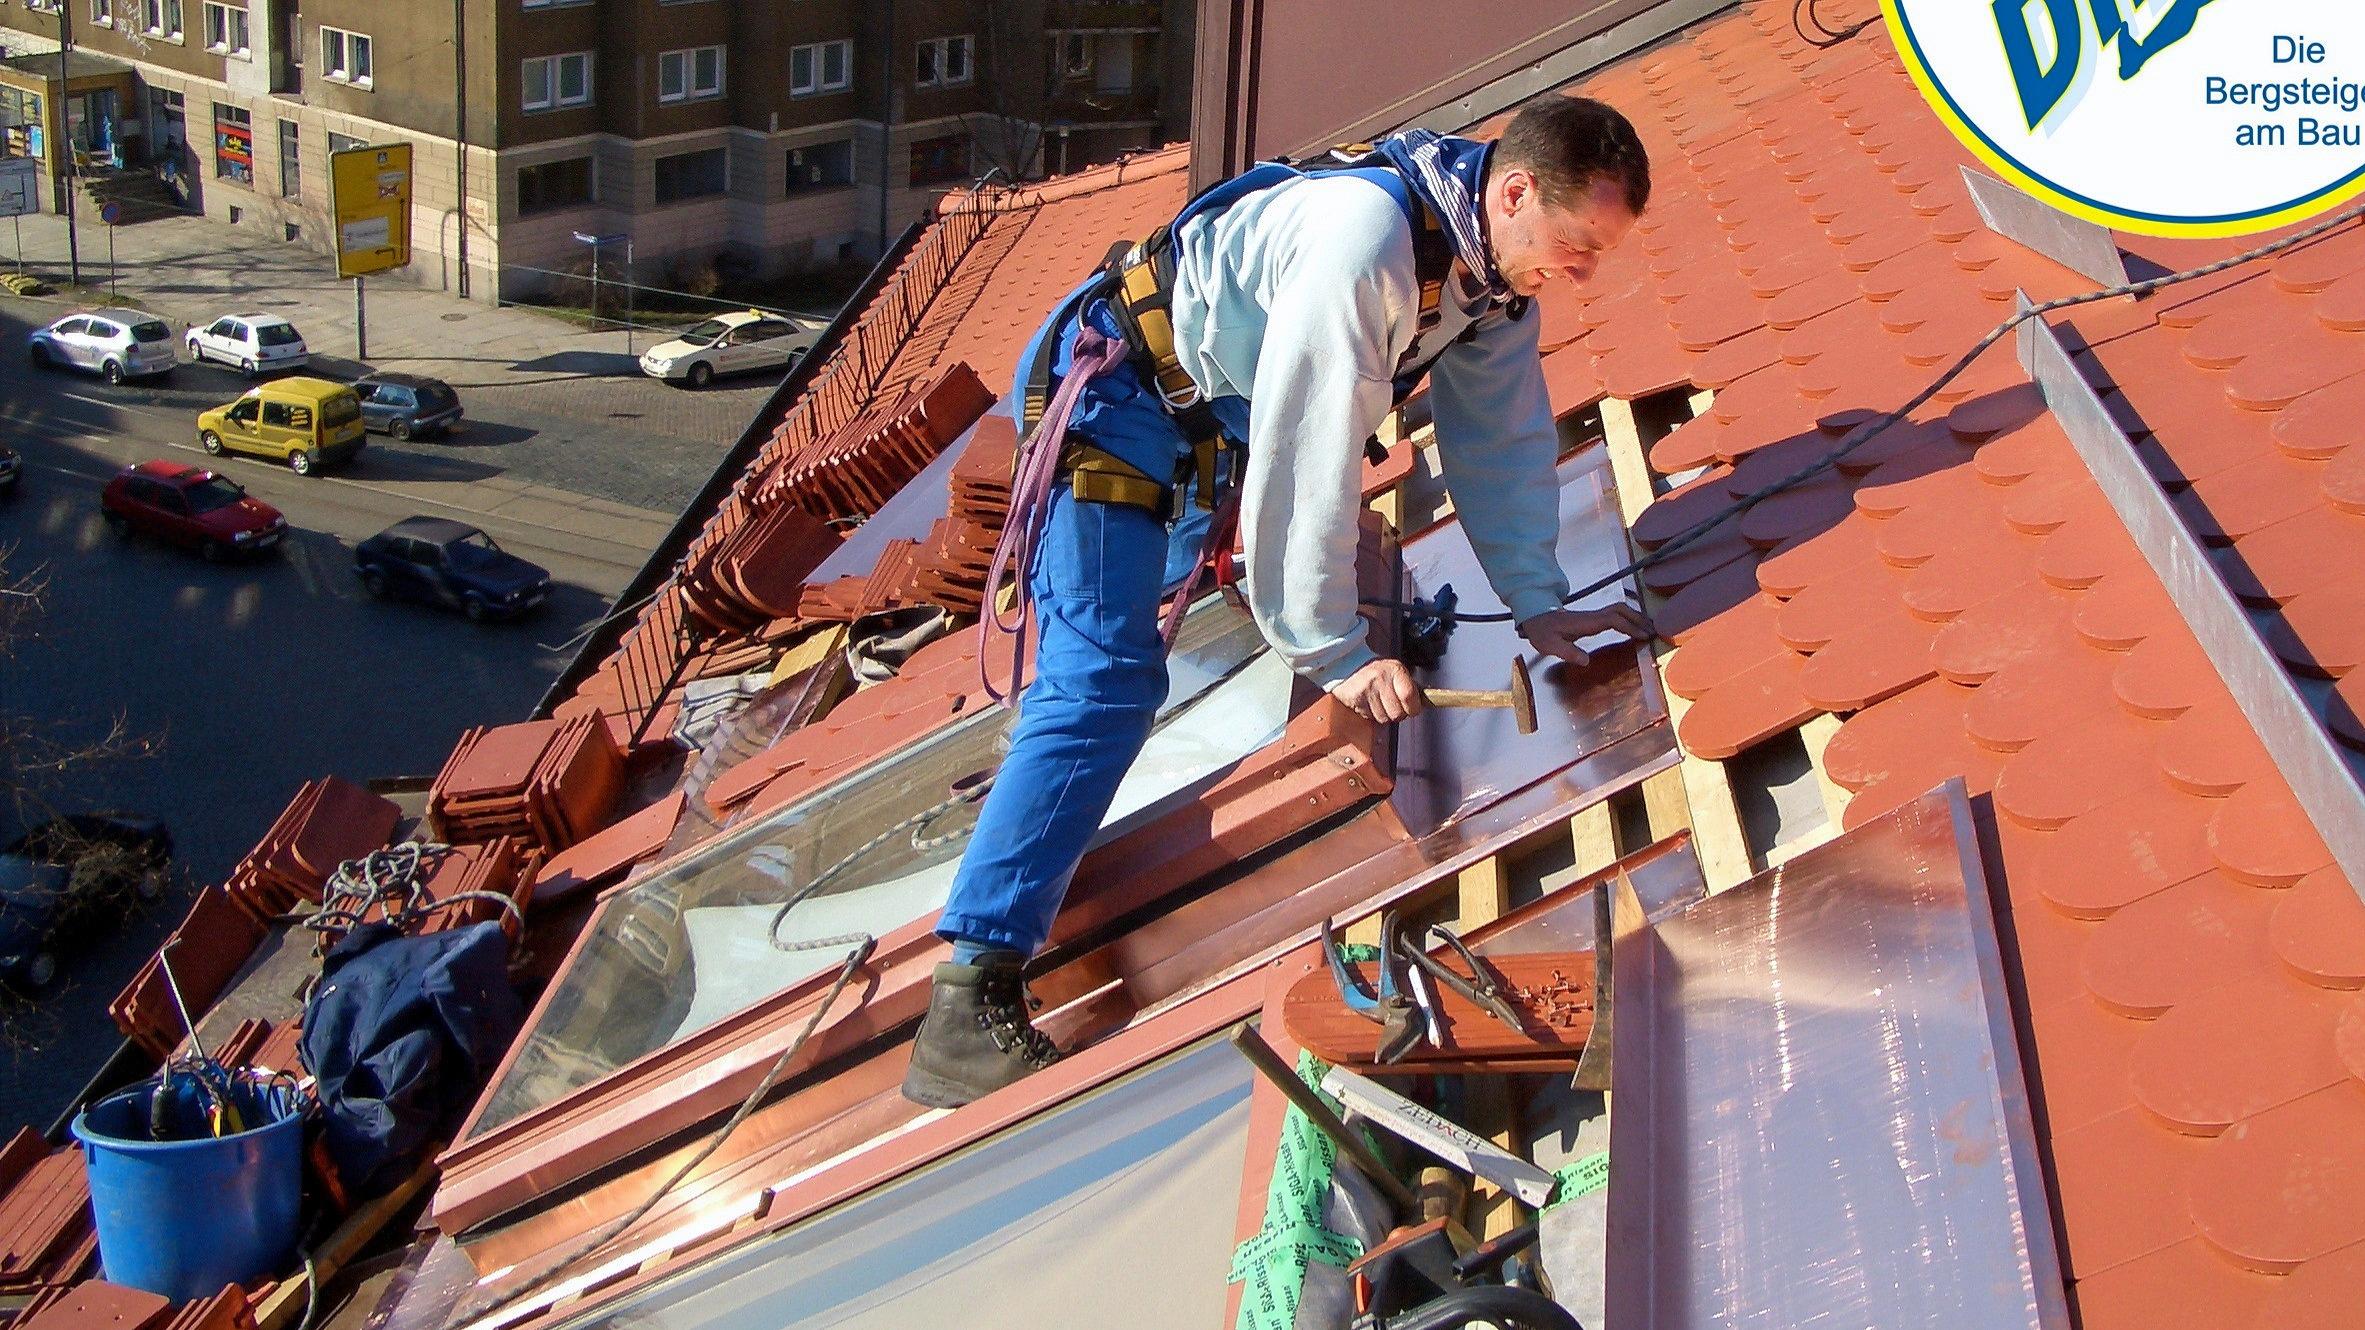 #Dachsteiger Dresden #Dacharbeit ohne Gerüst Dresden #Dachreparatur #Dach reparieren #Dachrinnenrein